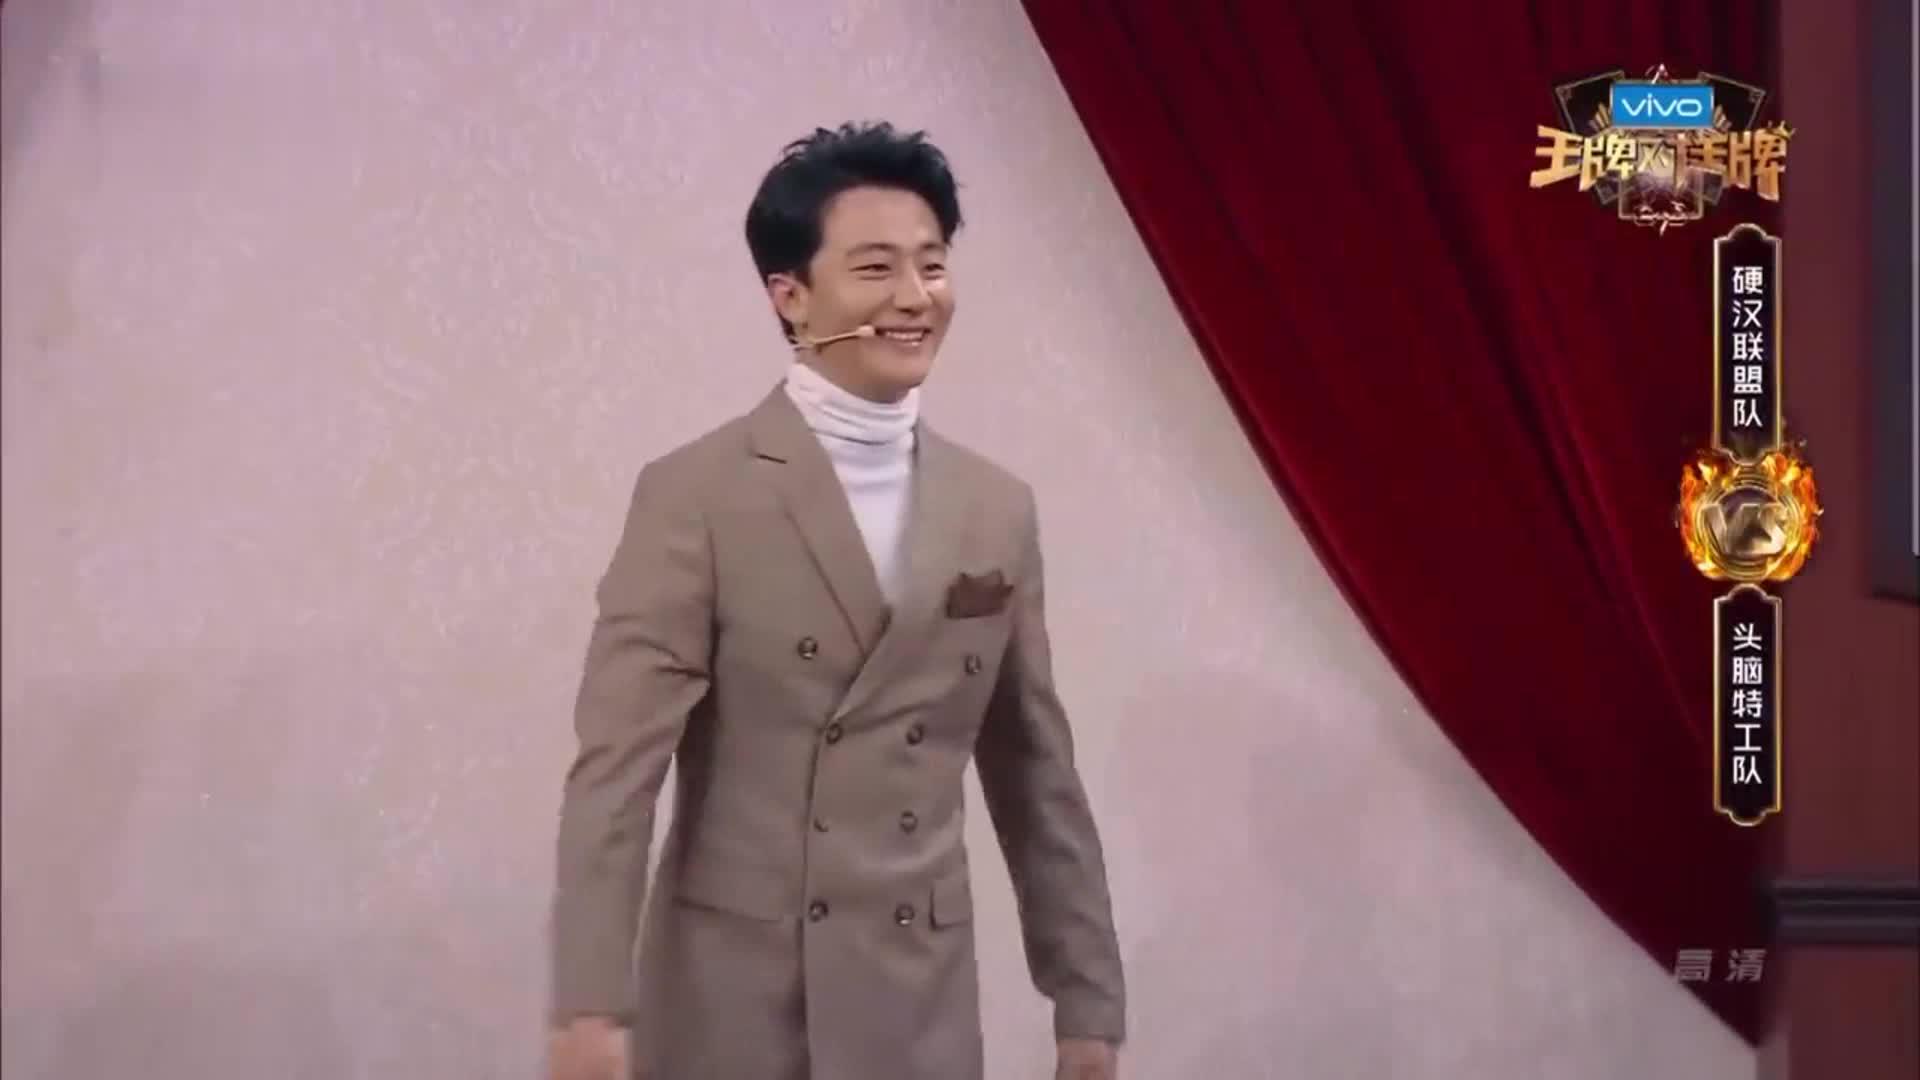 王牌:尹正迎来高光时刻,节目组适时放出《一剪梅》,整段垮掉!